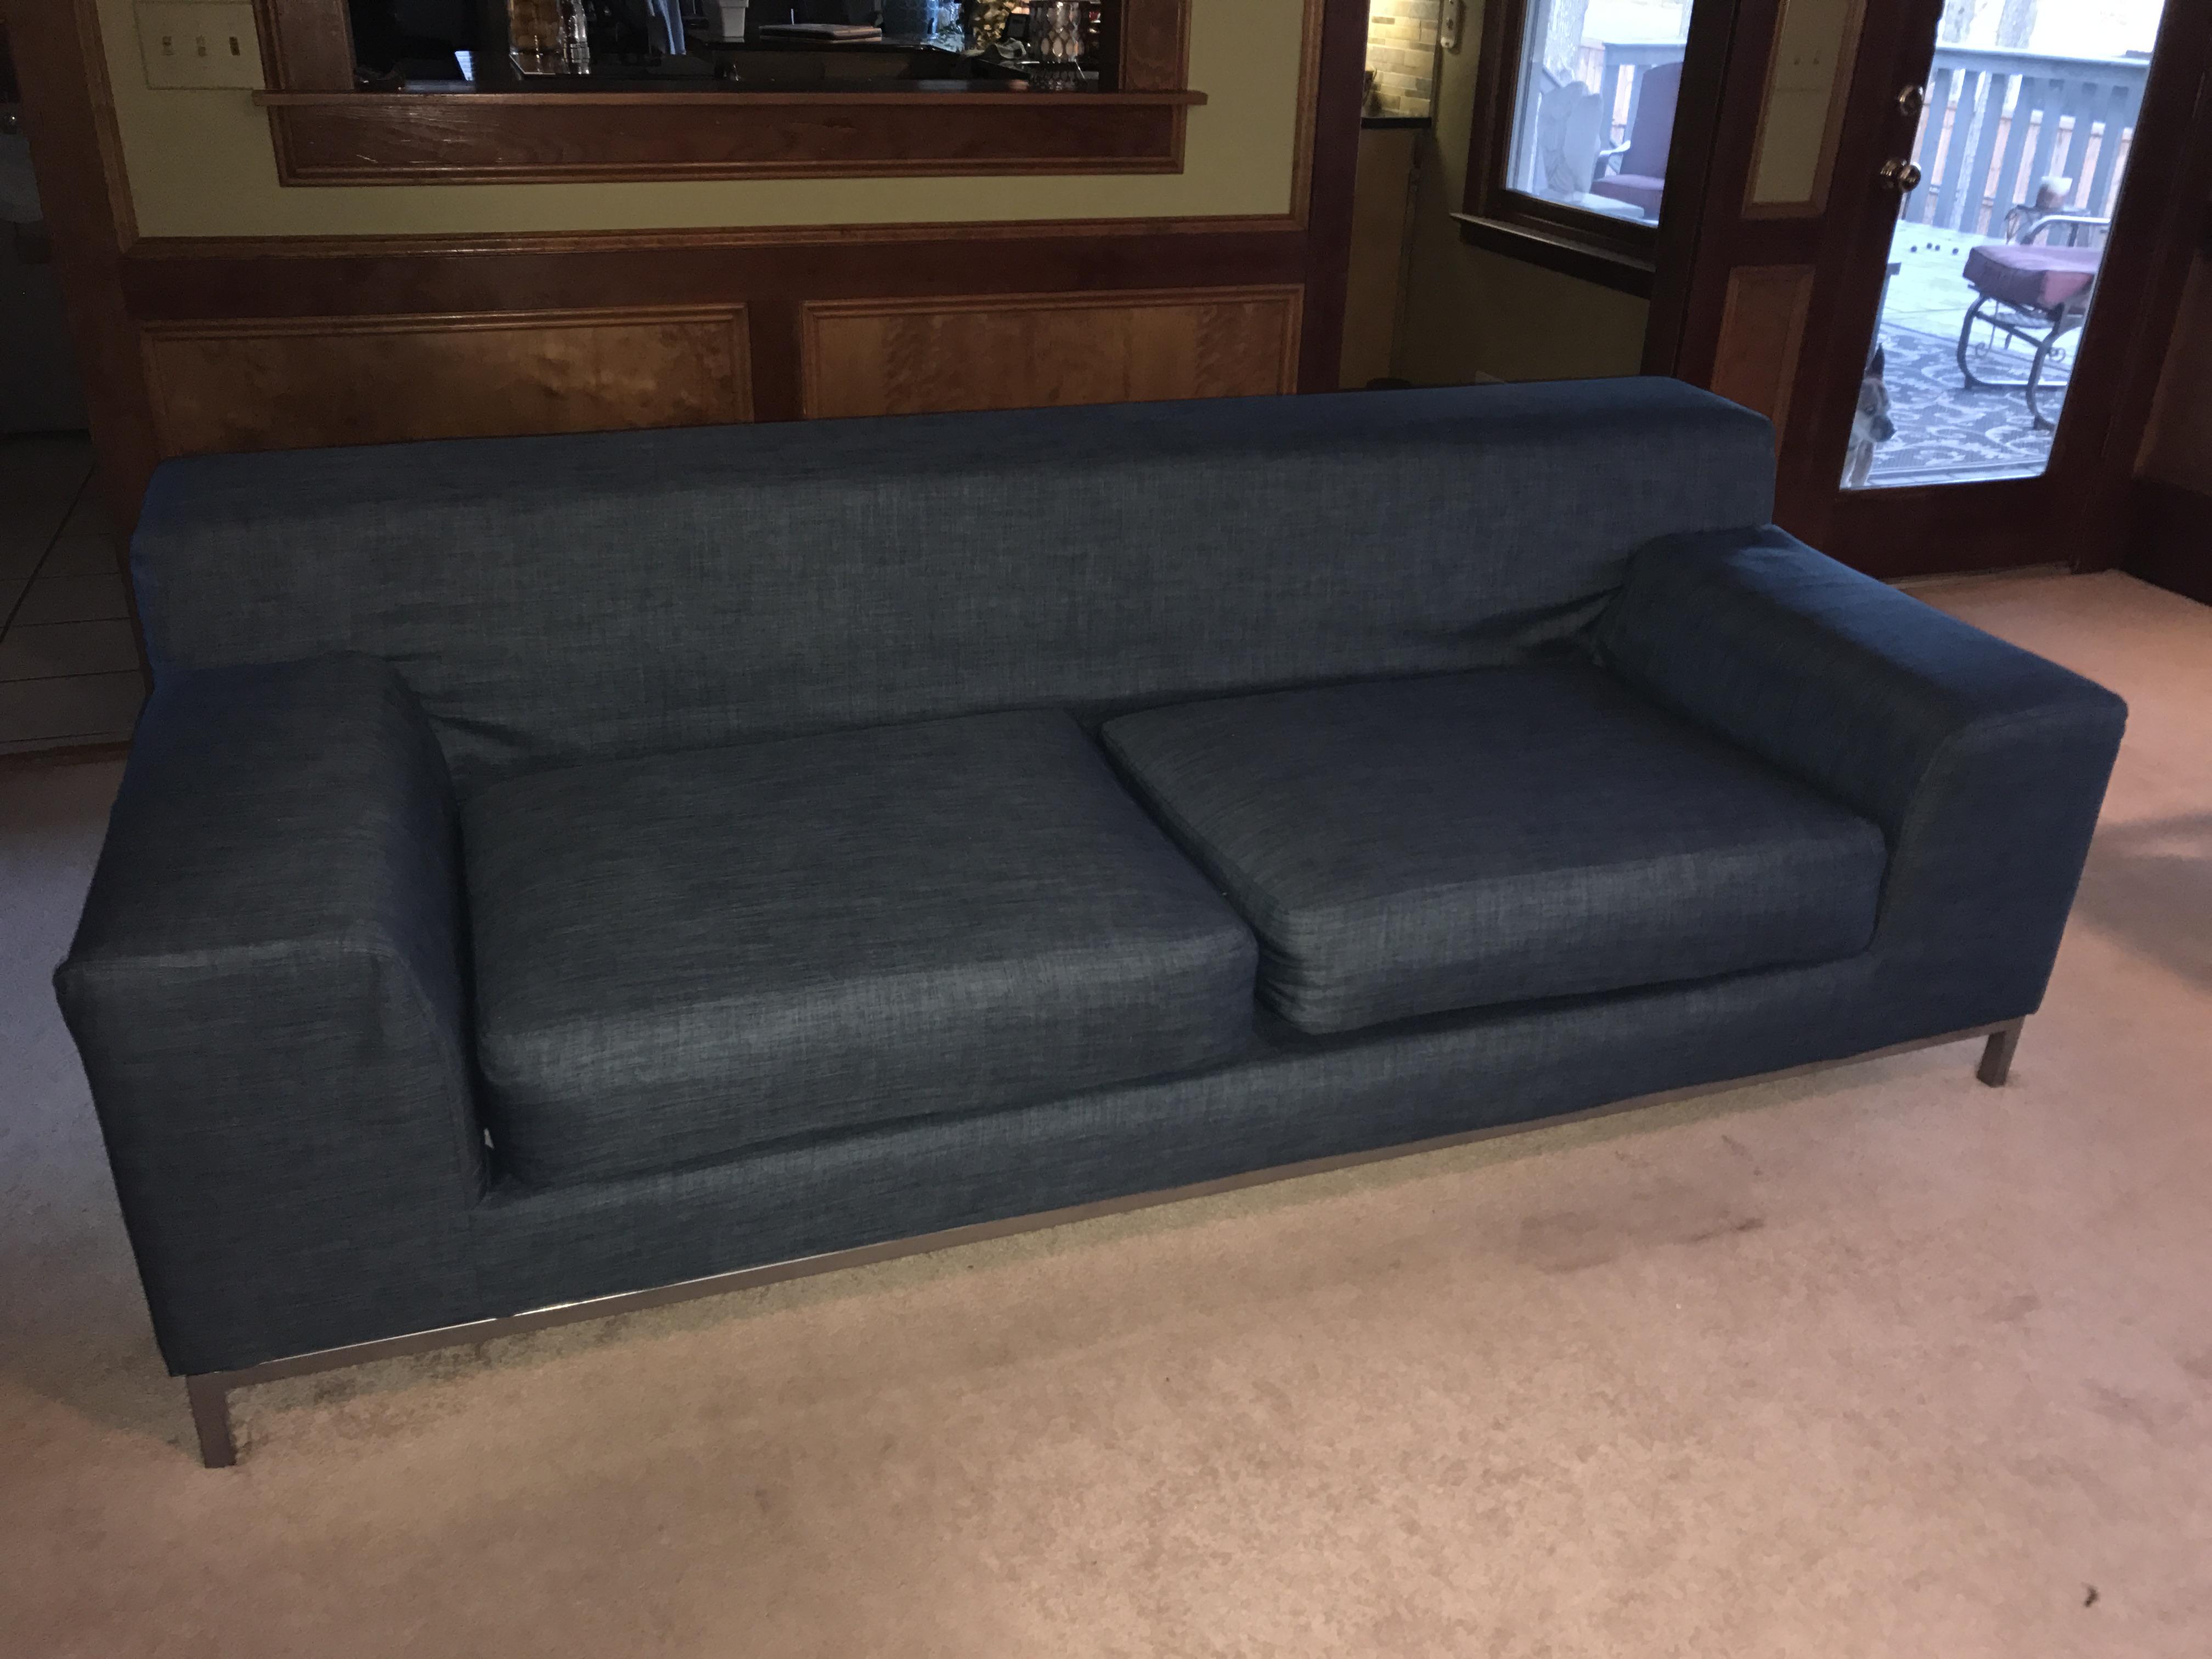 Fundas Sofa Ikea Descatalogados.Todo Sobre Nuestras Fundas Para Sofas Ikea Descatalogados